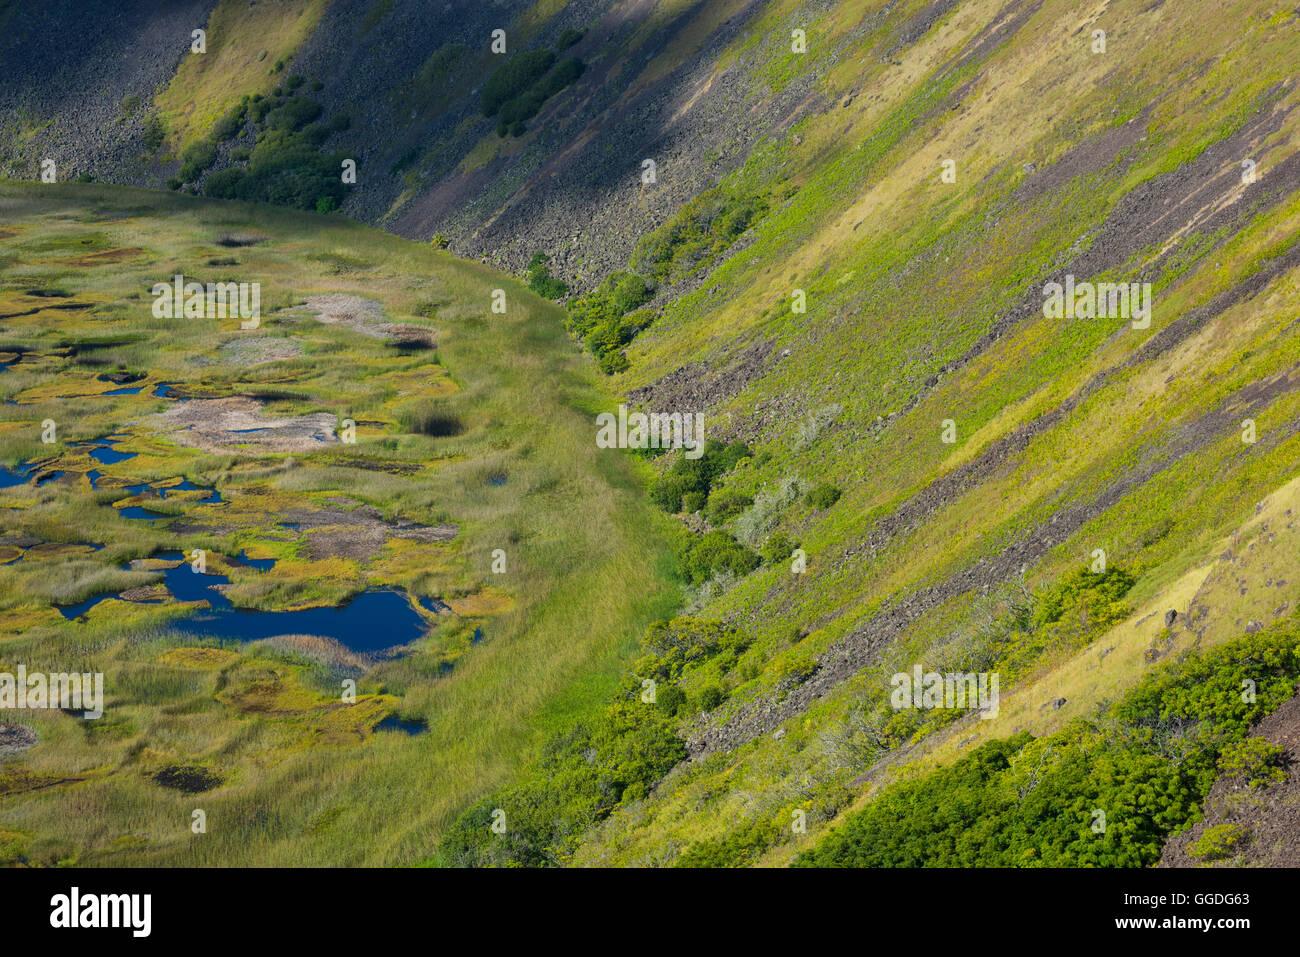 Sud America; Cile; l'Isola di Pasqua; Isla de Pasqua, sud pacifico; UNESCO Patrimonio Mondiale, Rano Kau cratere Immagini Stock